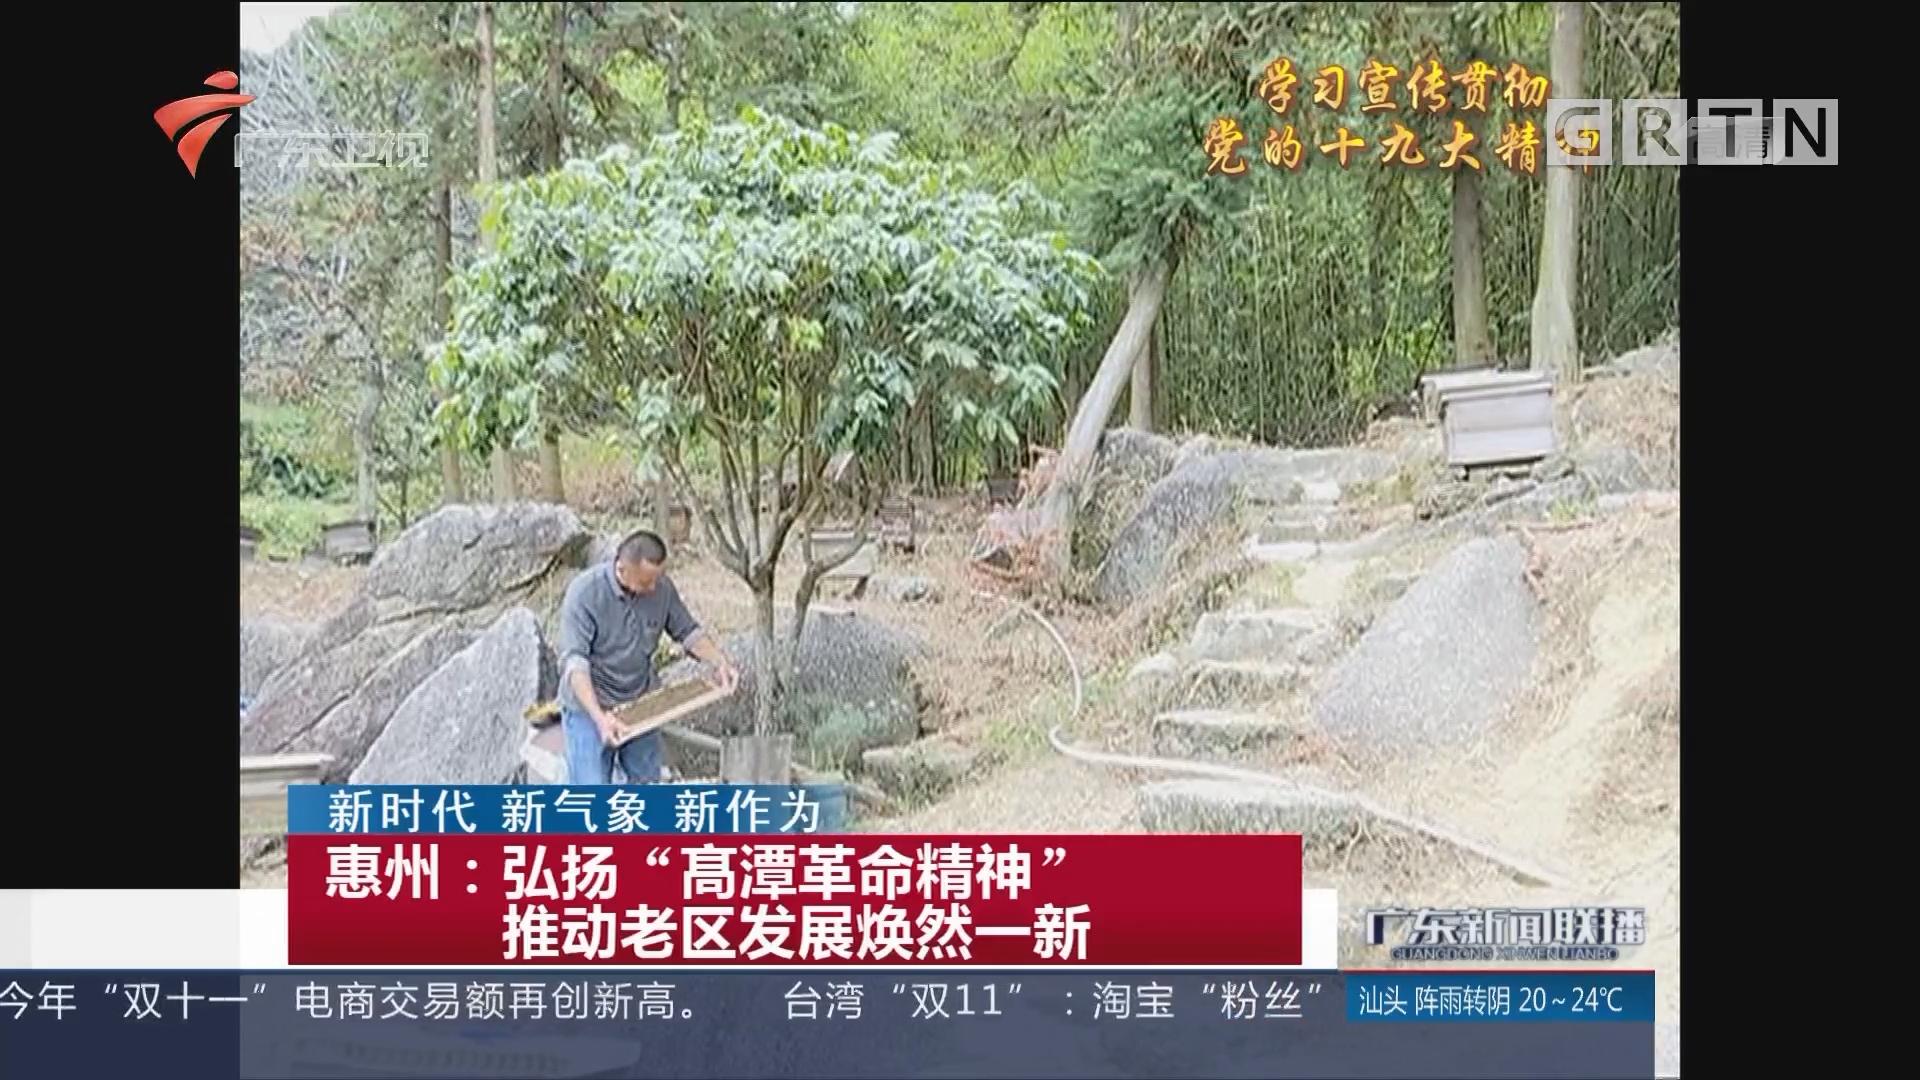 """惠州:弘扬""""髙潭革命精神""""推动老区发展焕然一新"""